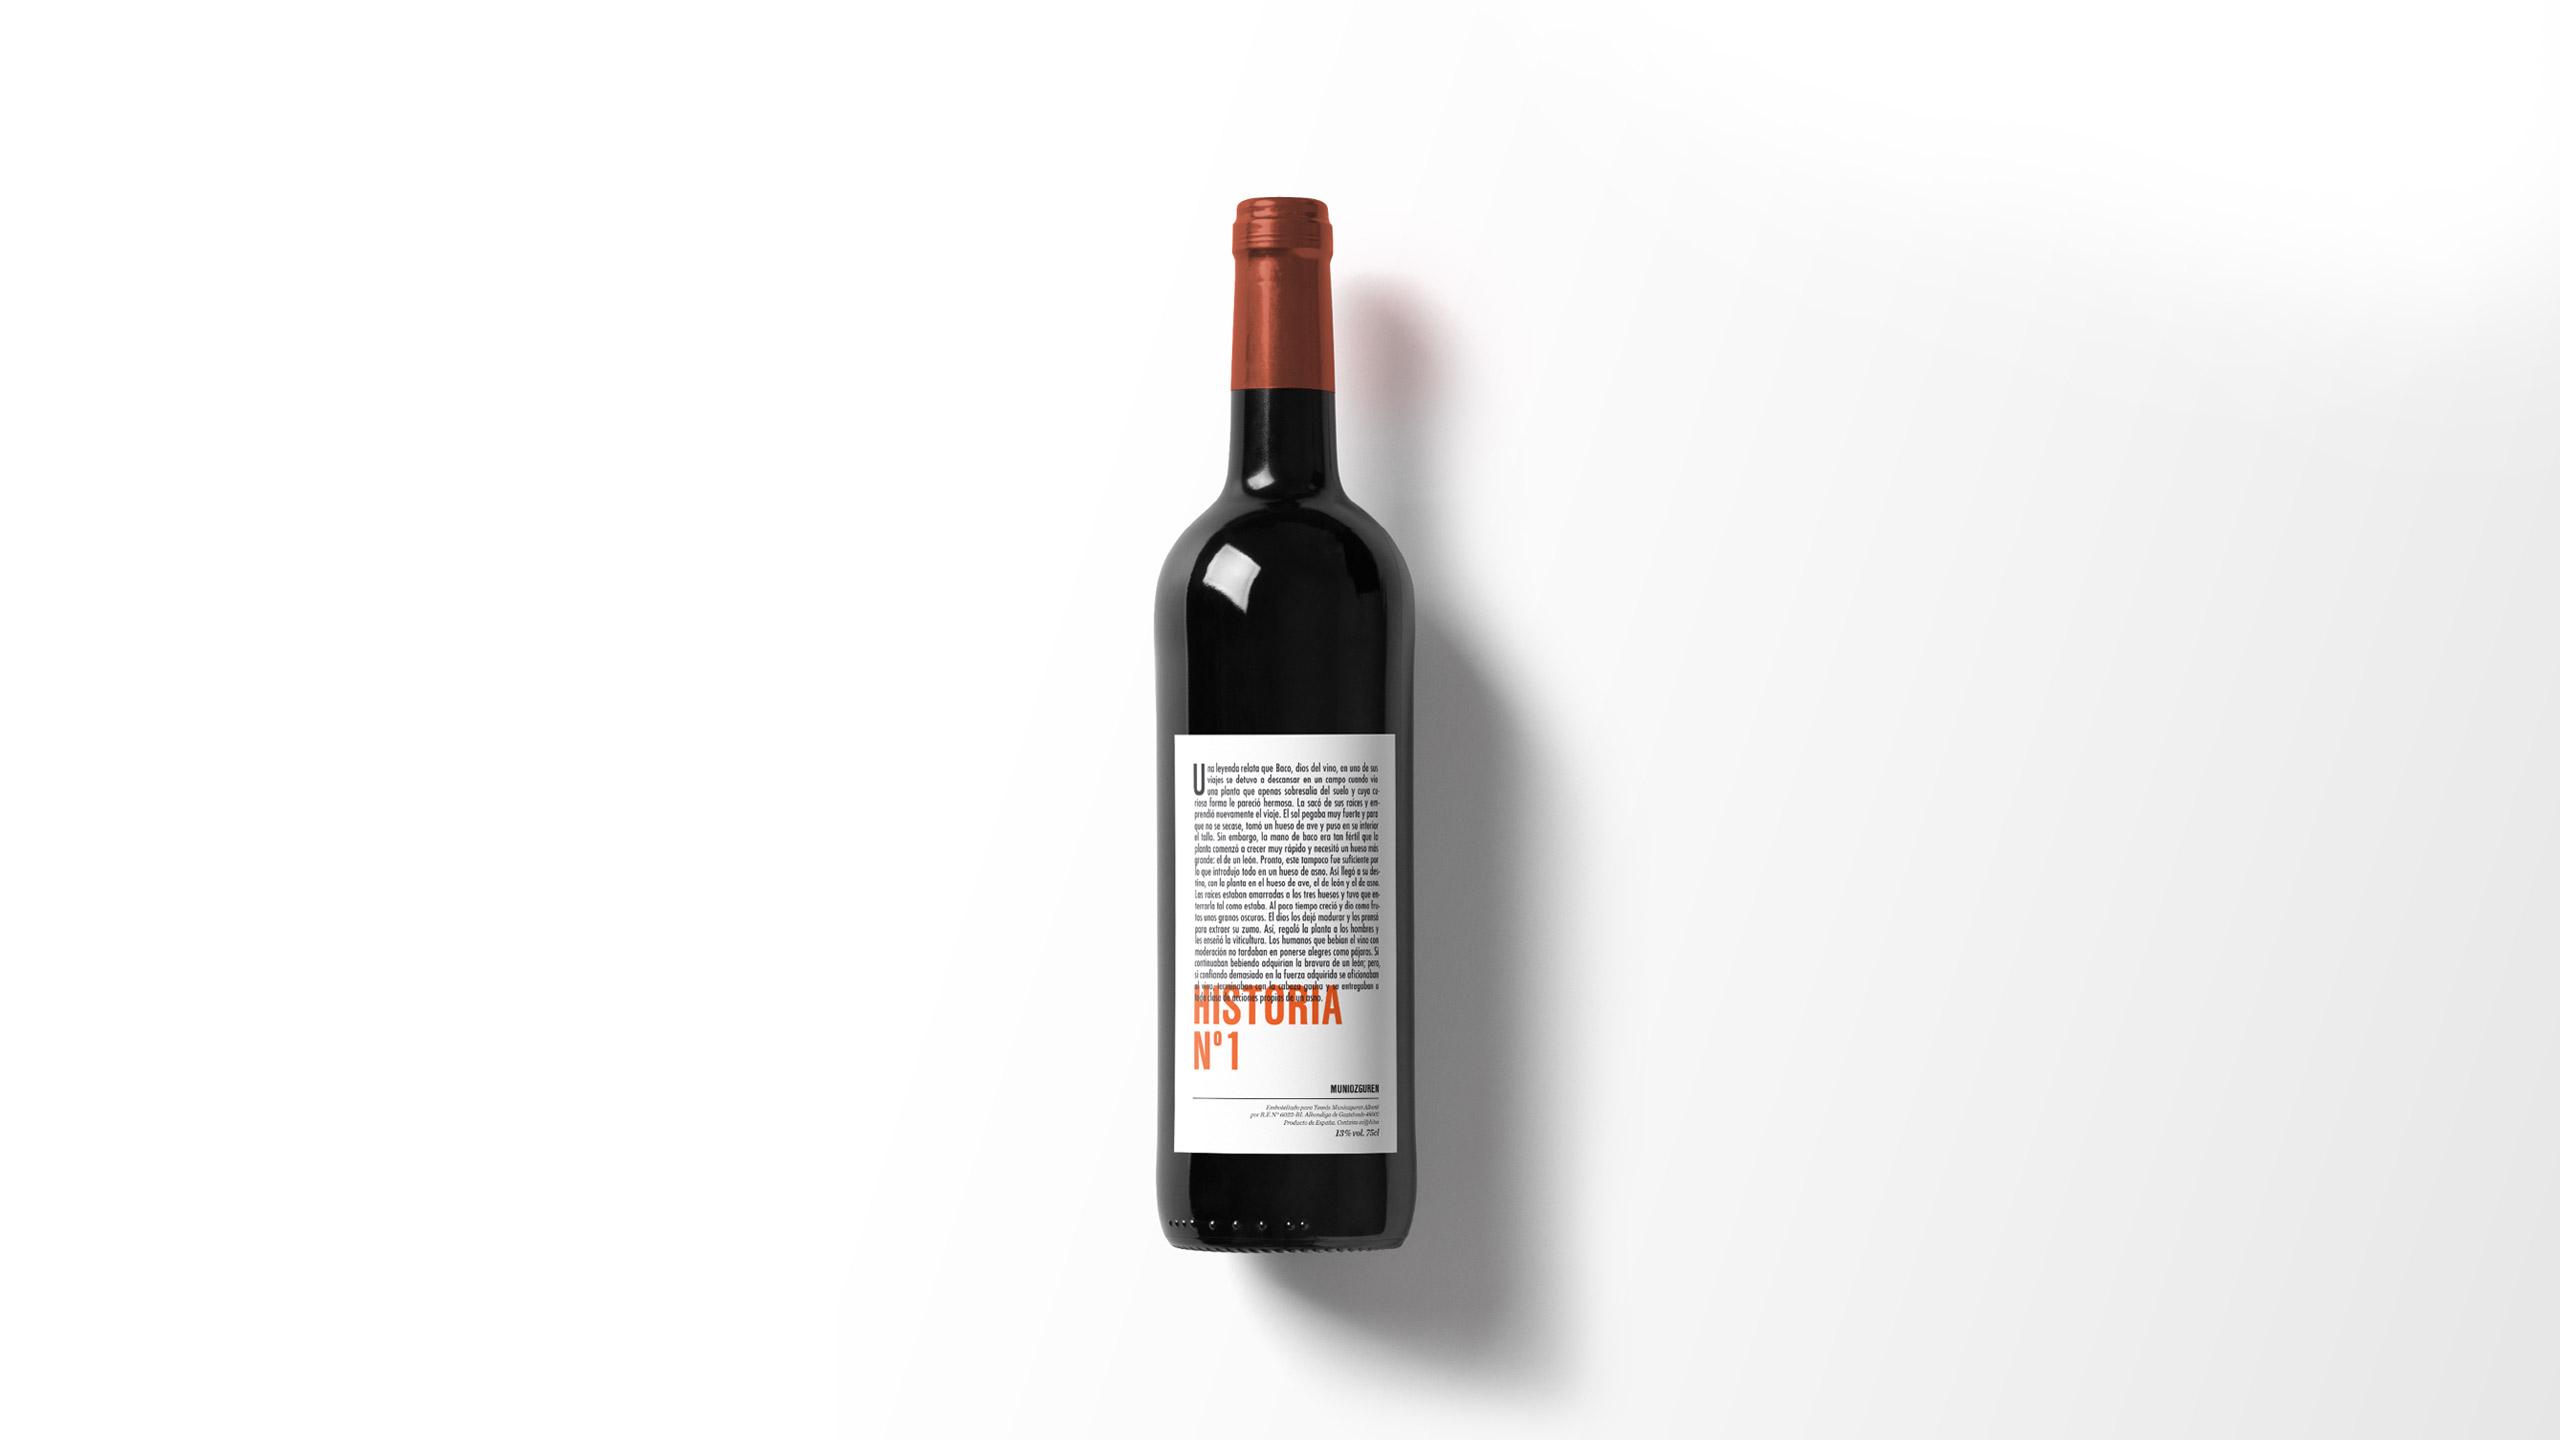 botella-historia-uno